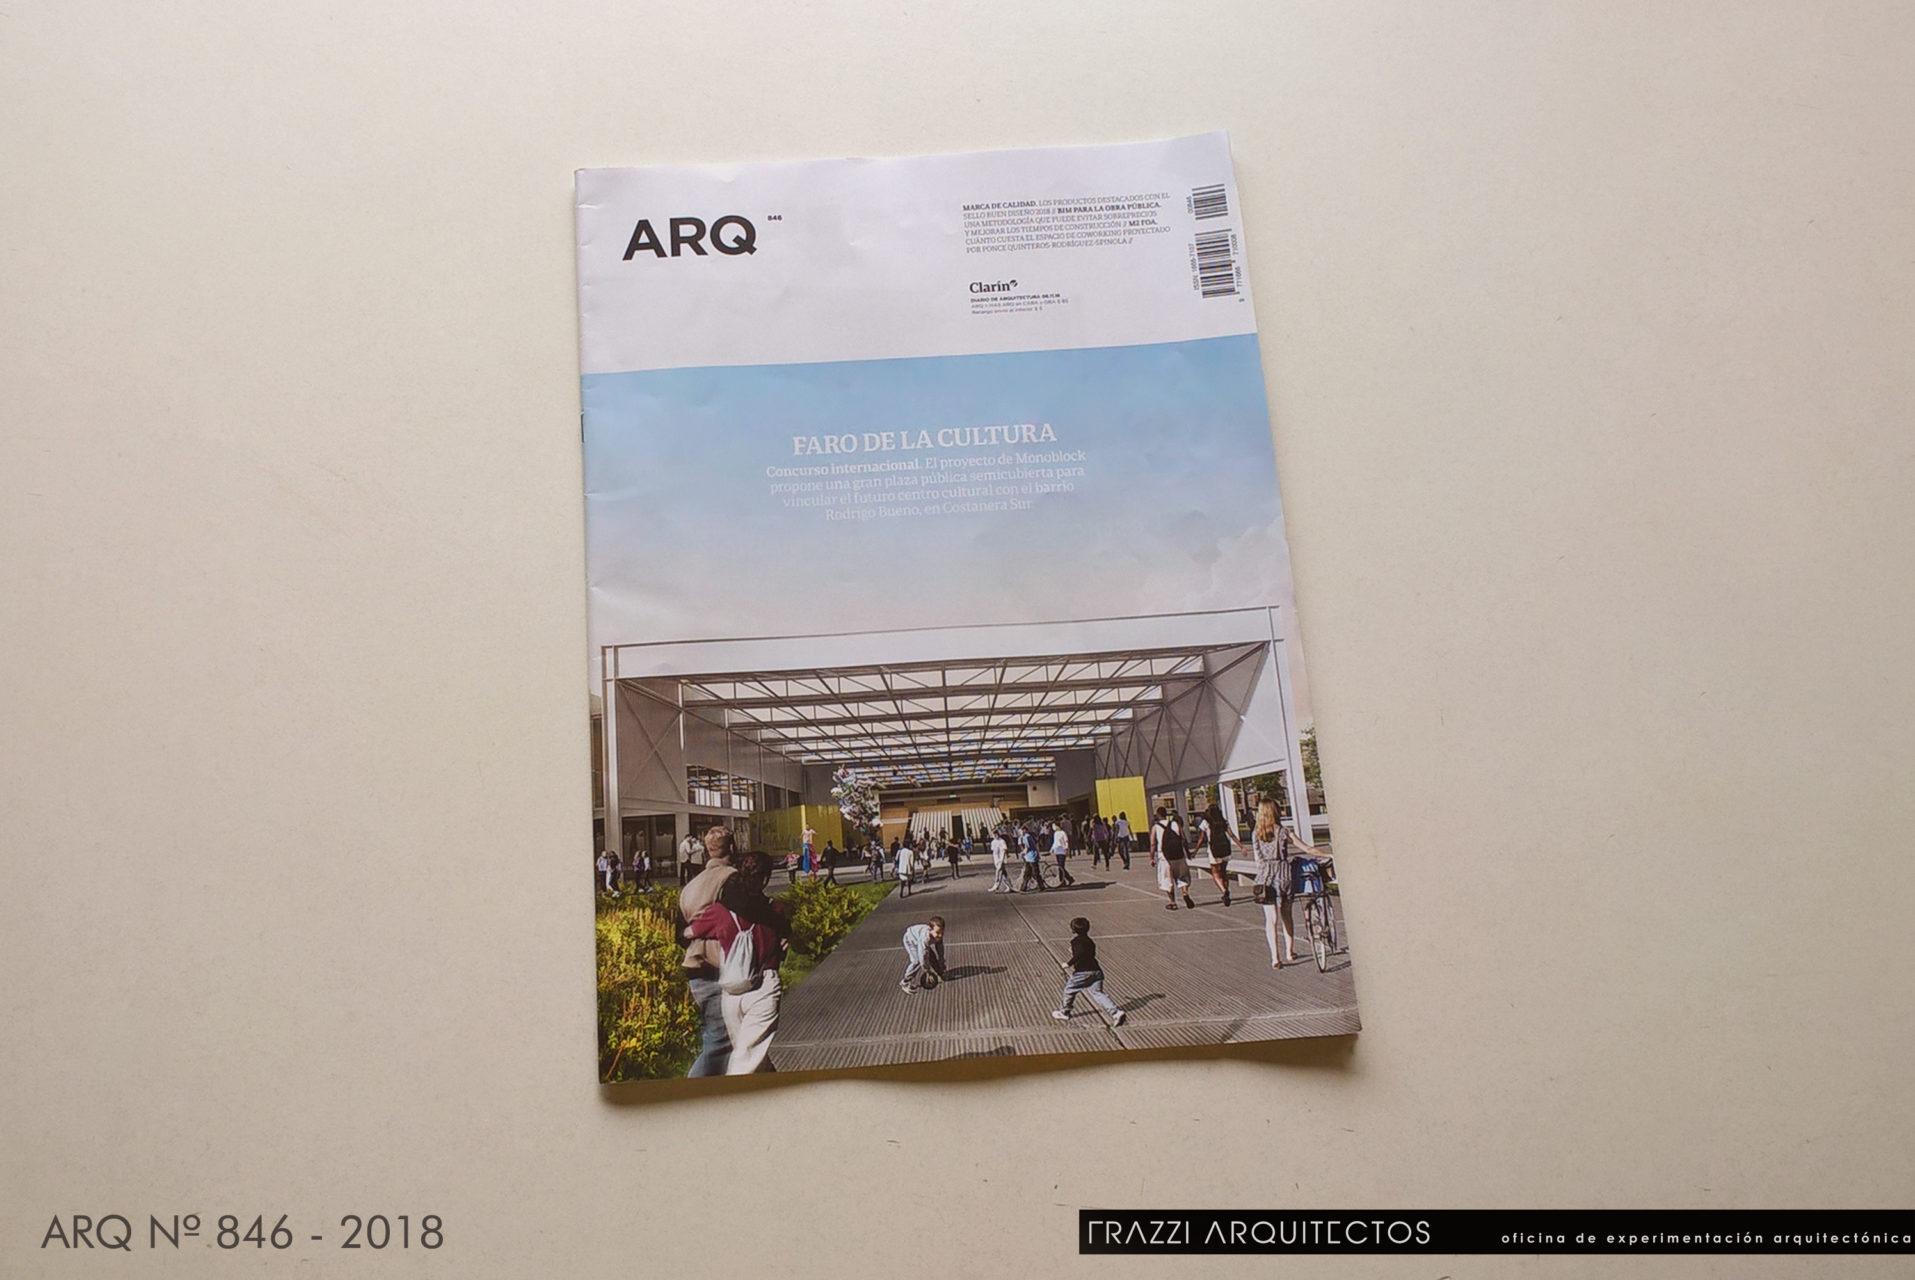 01-ARQ 846